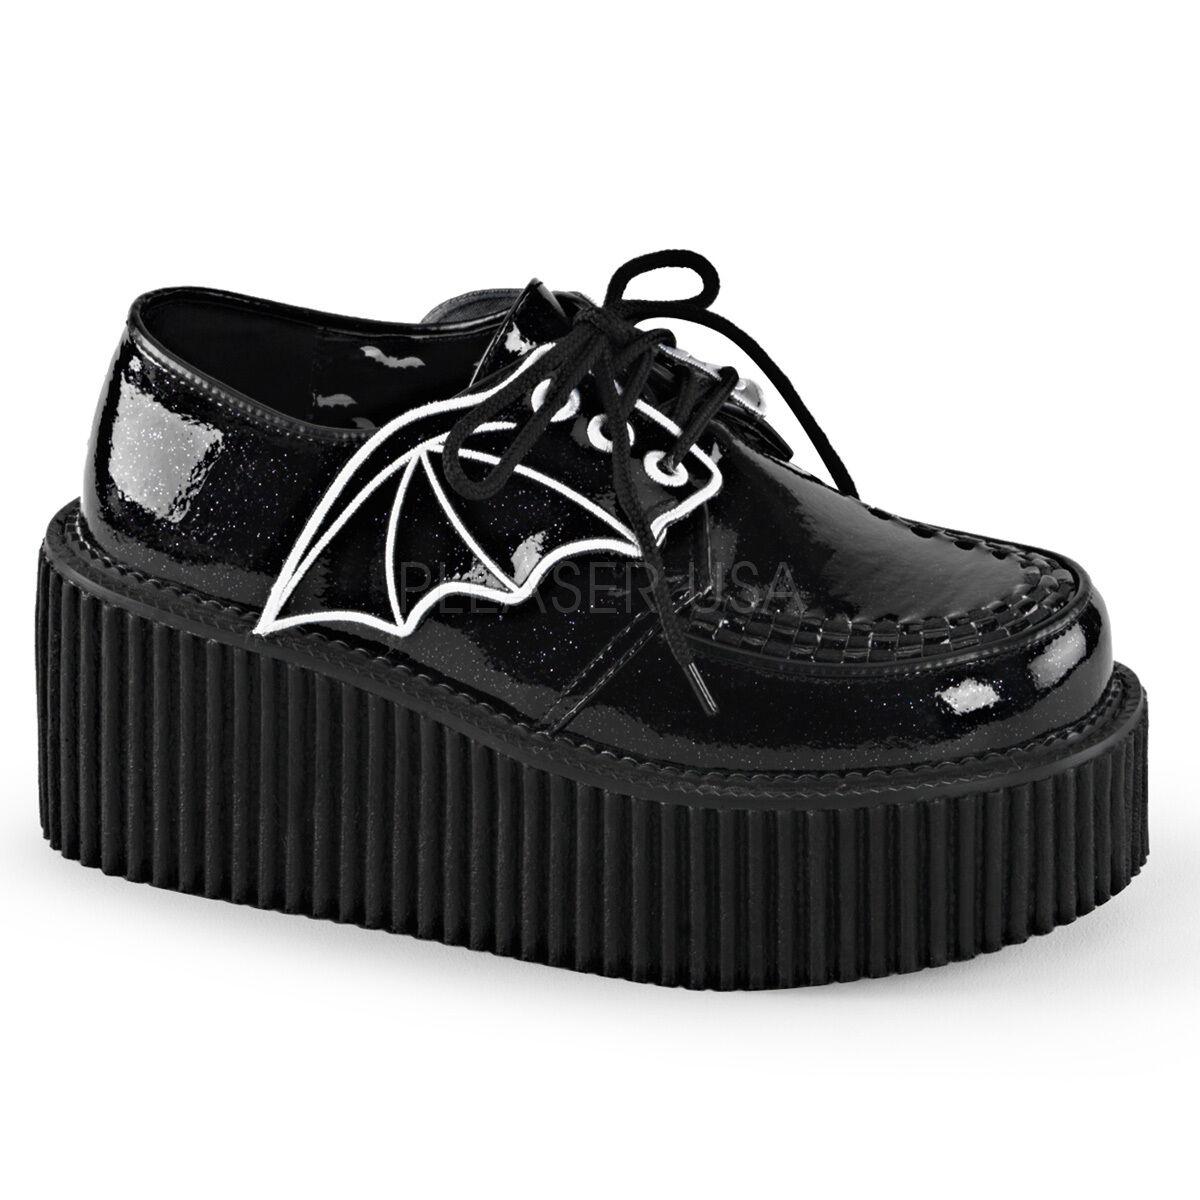 Demonia cre205 bgvy Punk Gótico Gótico Gótico Negro Brillo plataforma Bat Wing Creepers Zapatos  los nuevos estilos calientes